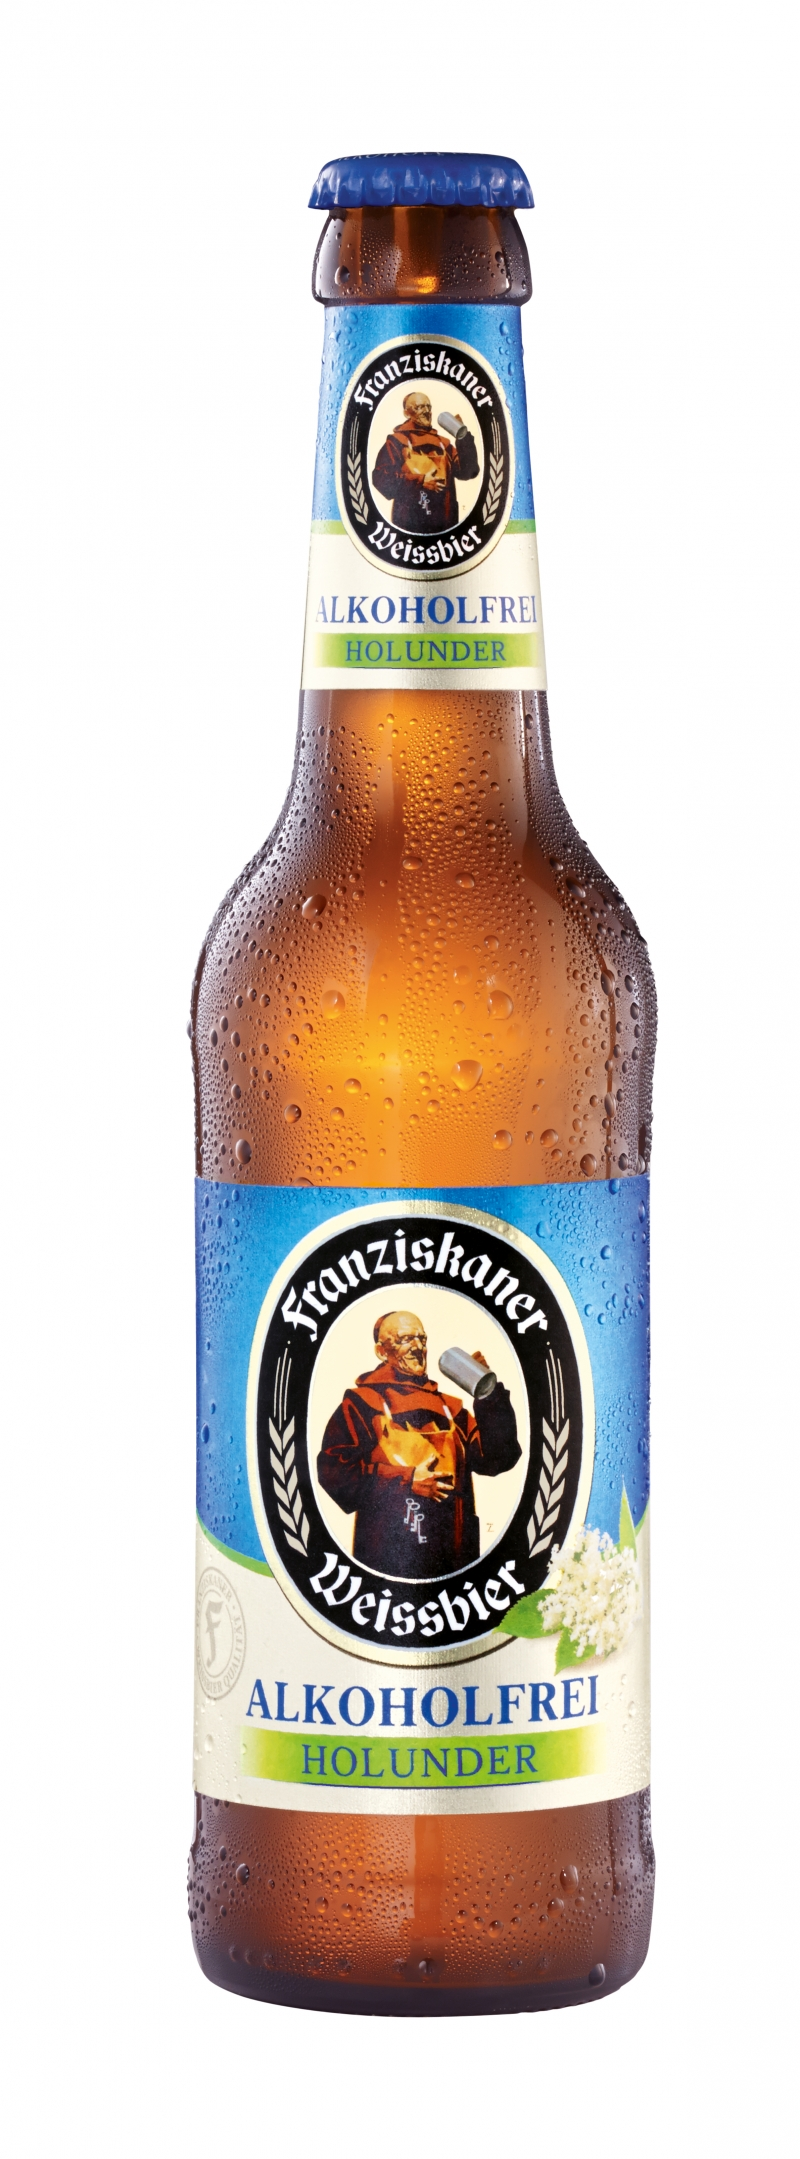 Franziskaner Alkoholfrei Holunder